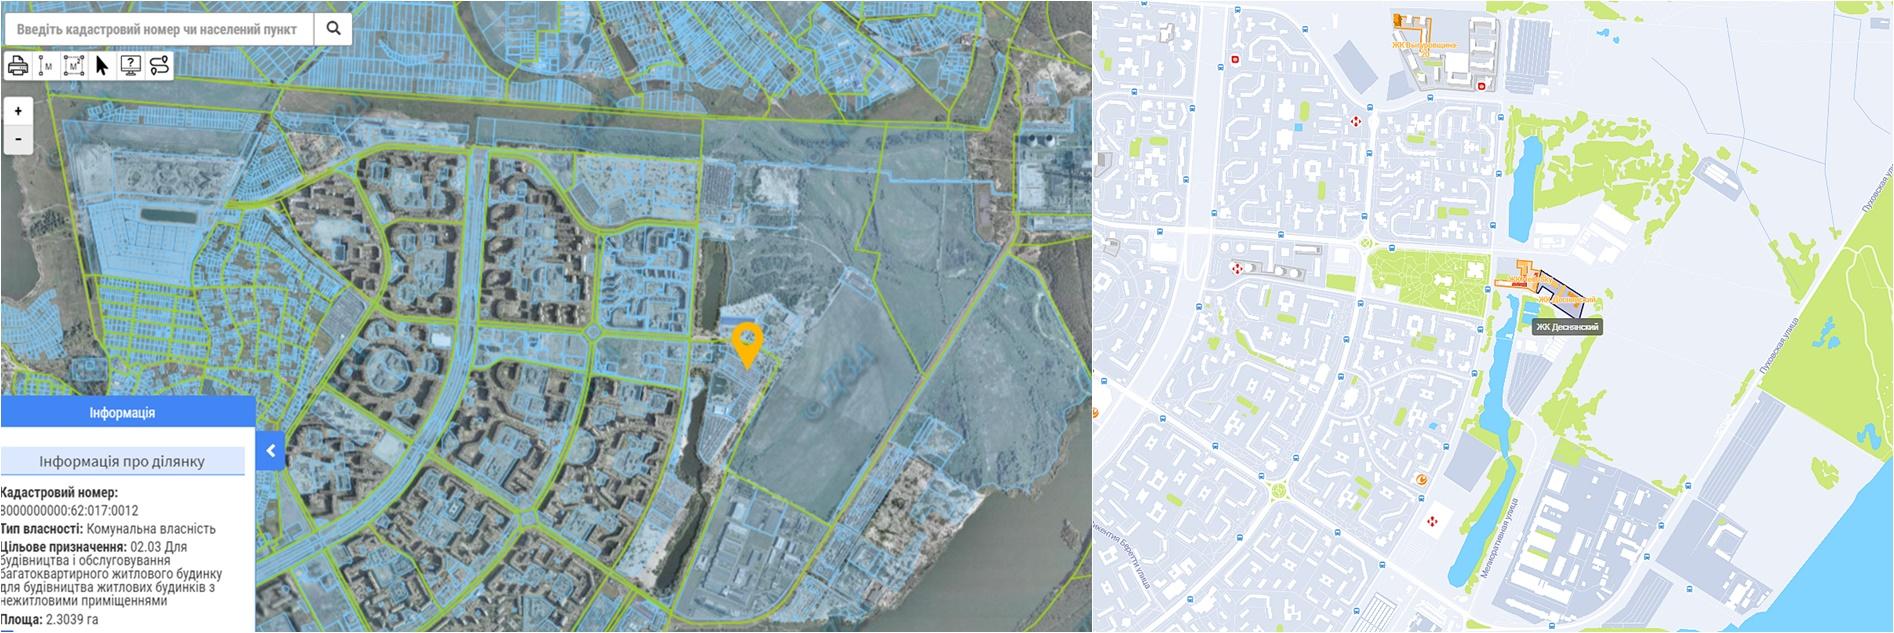 ЖК Деснянский данные кадастра и на карте